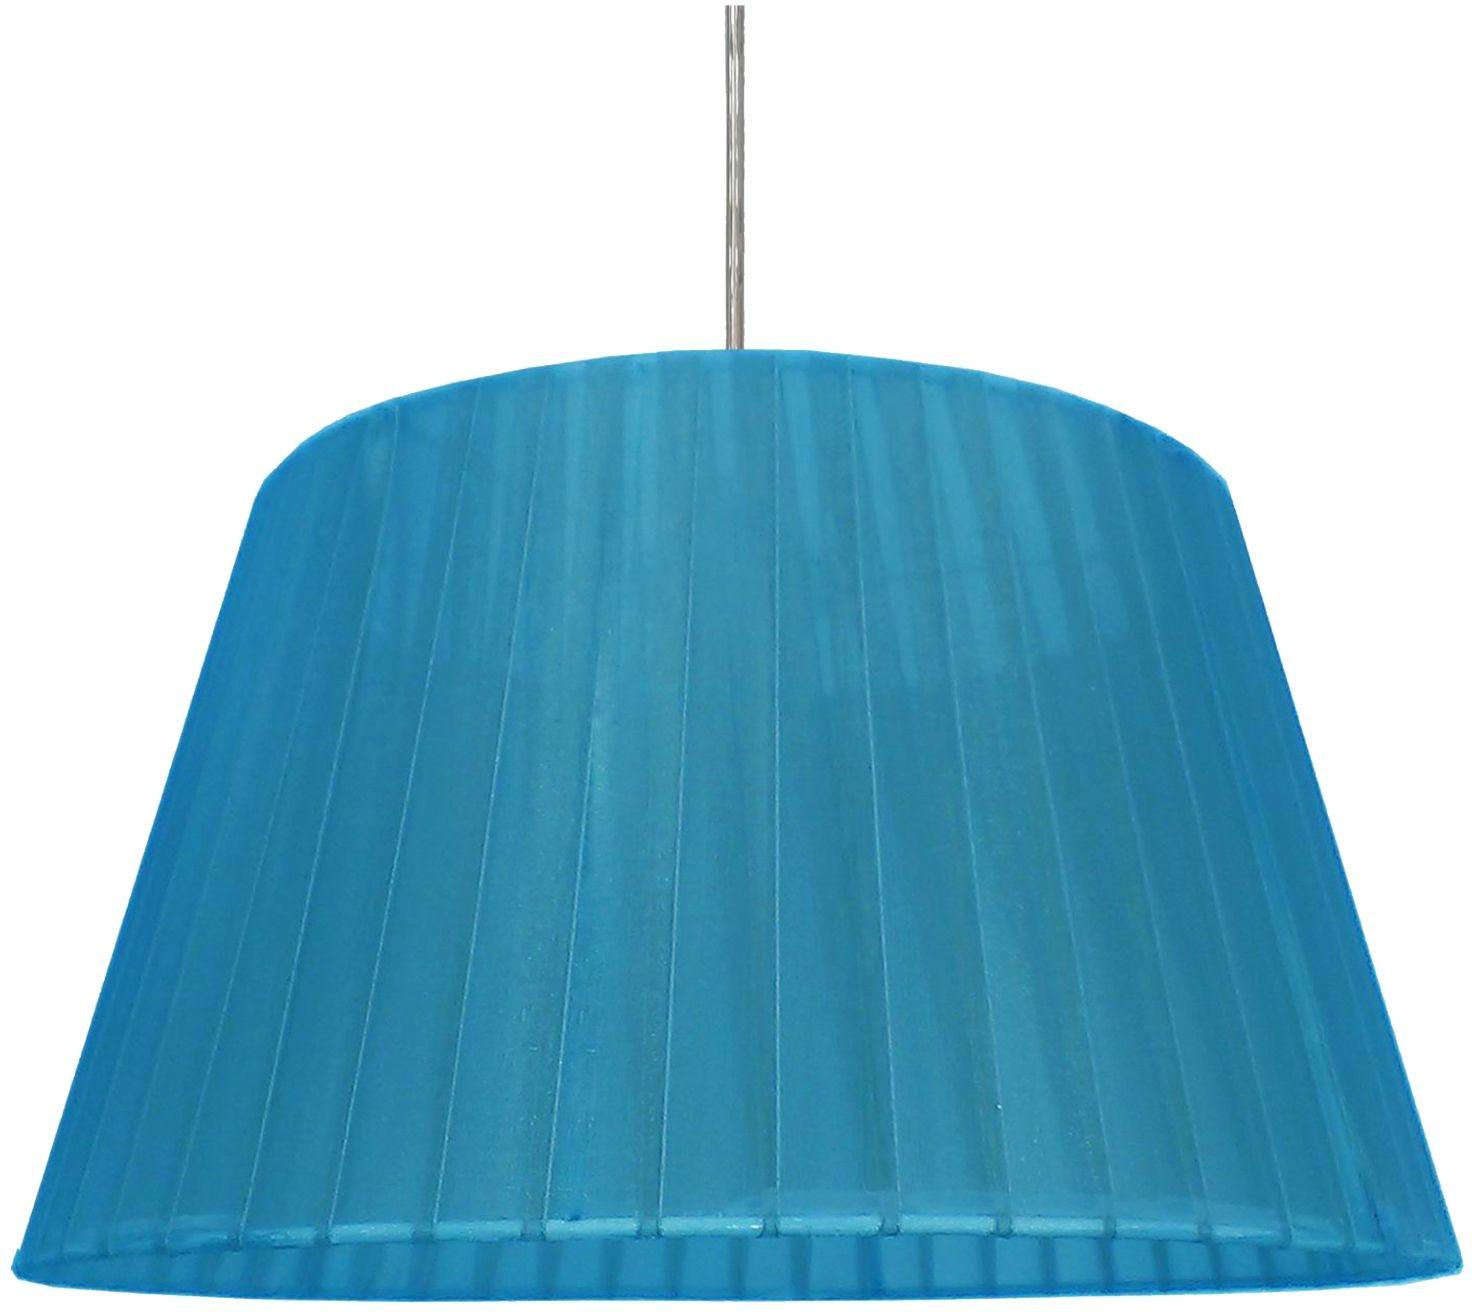 Candellux TIZIANO 31-27092 lampa wisząca abażur stożkowy z tkaniny niebieskiej 1X60W E27 37 cm